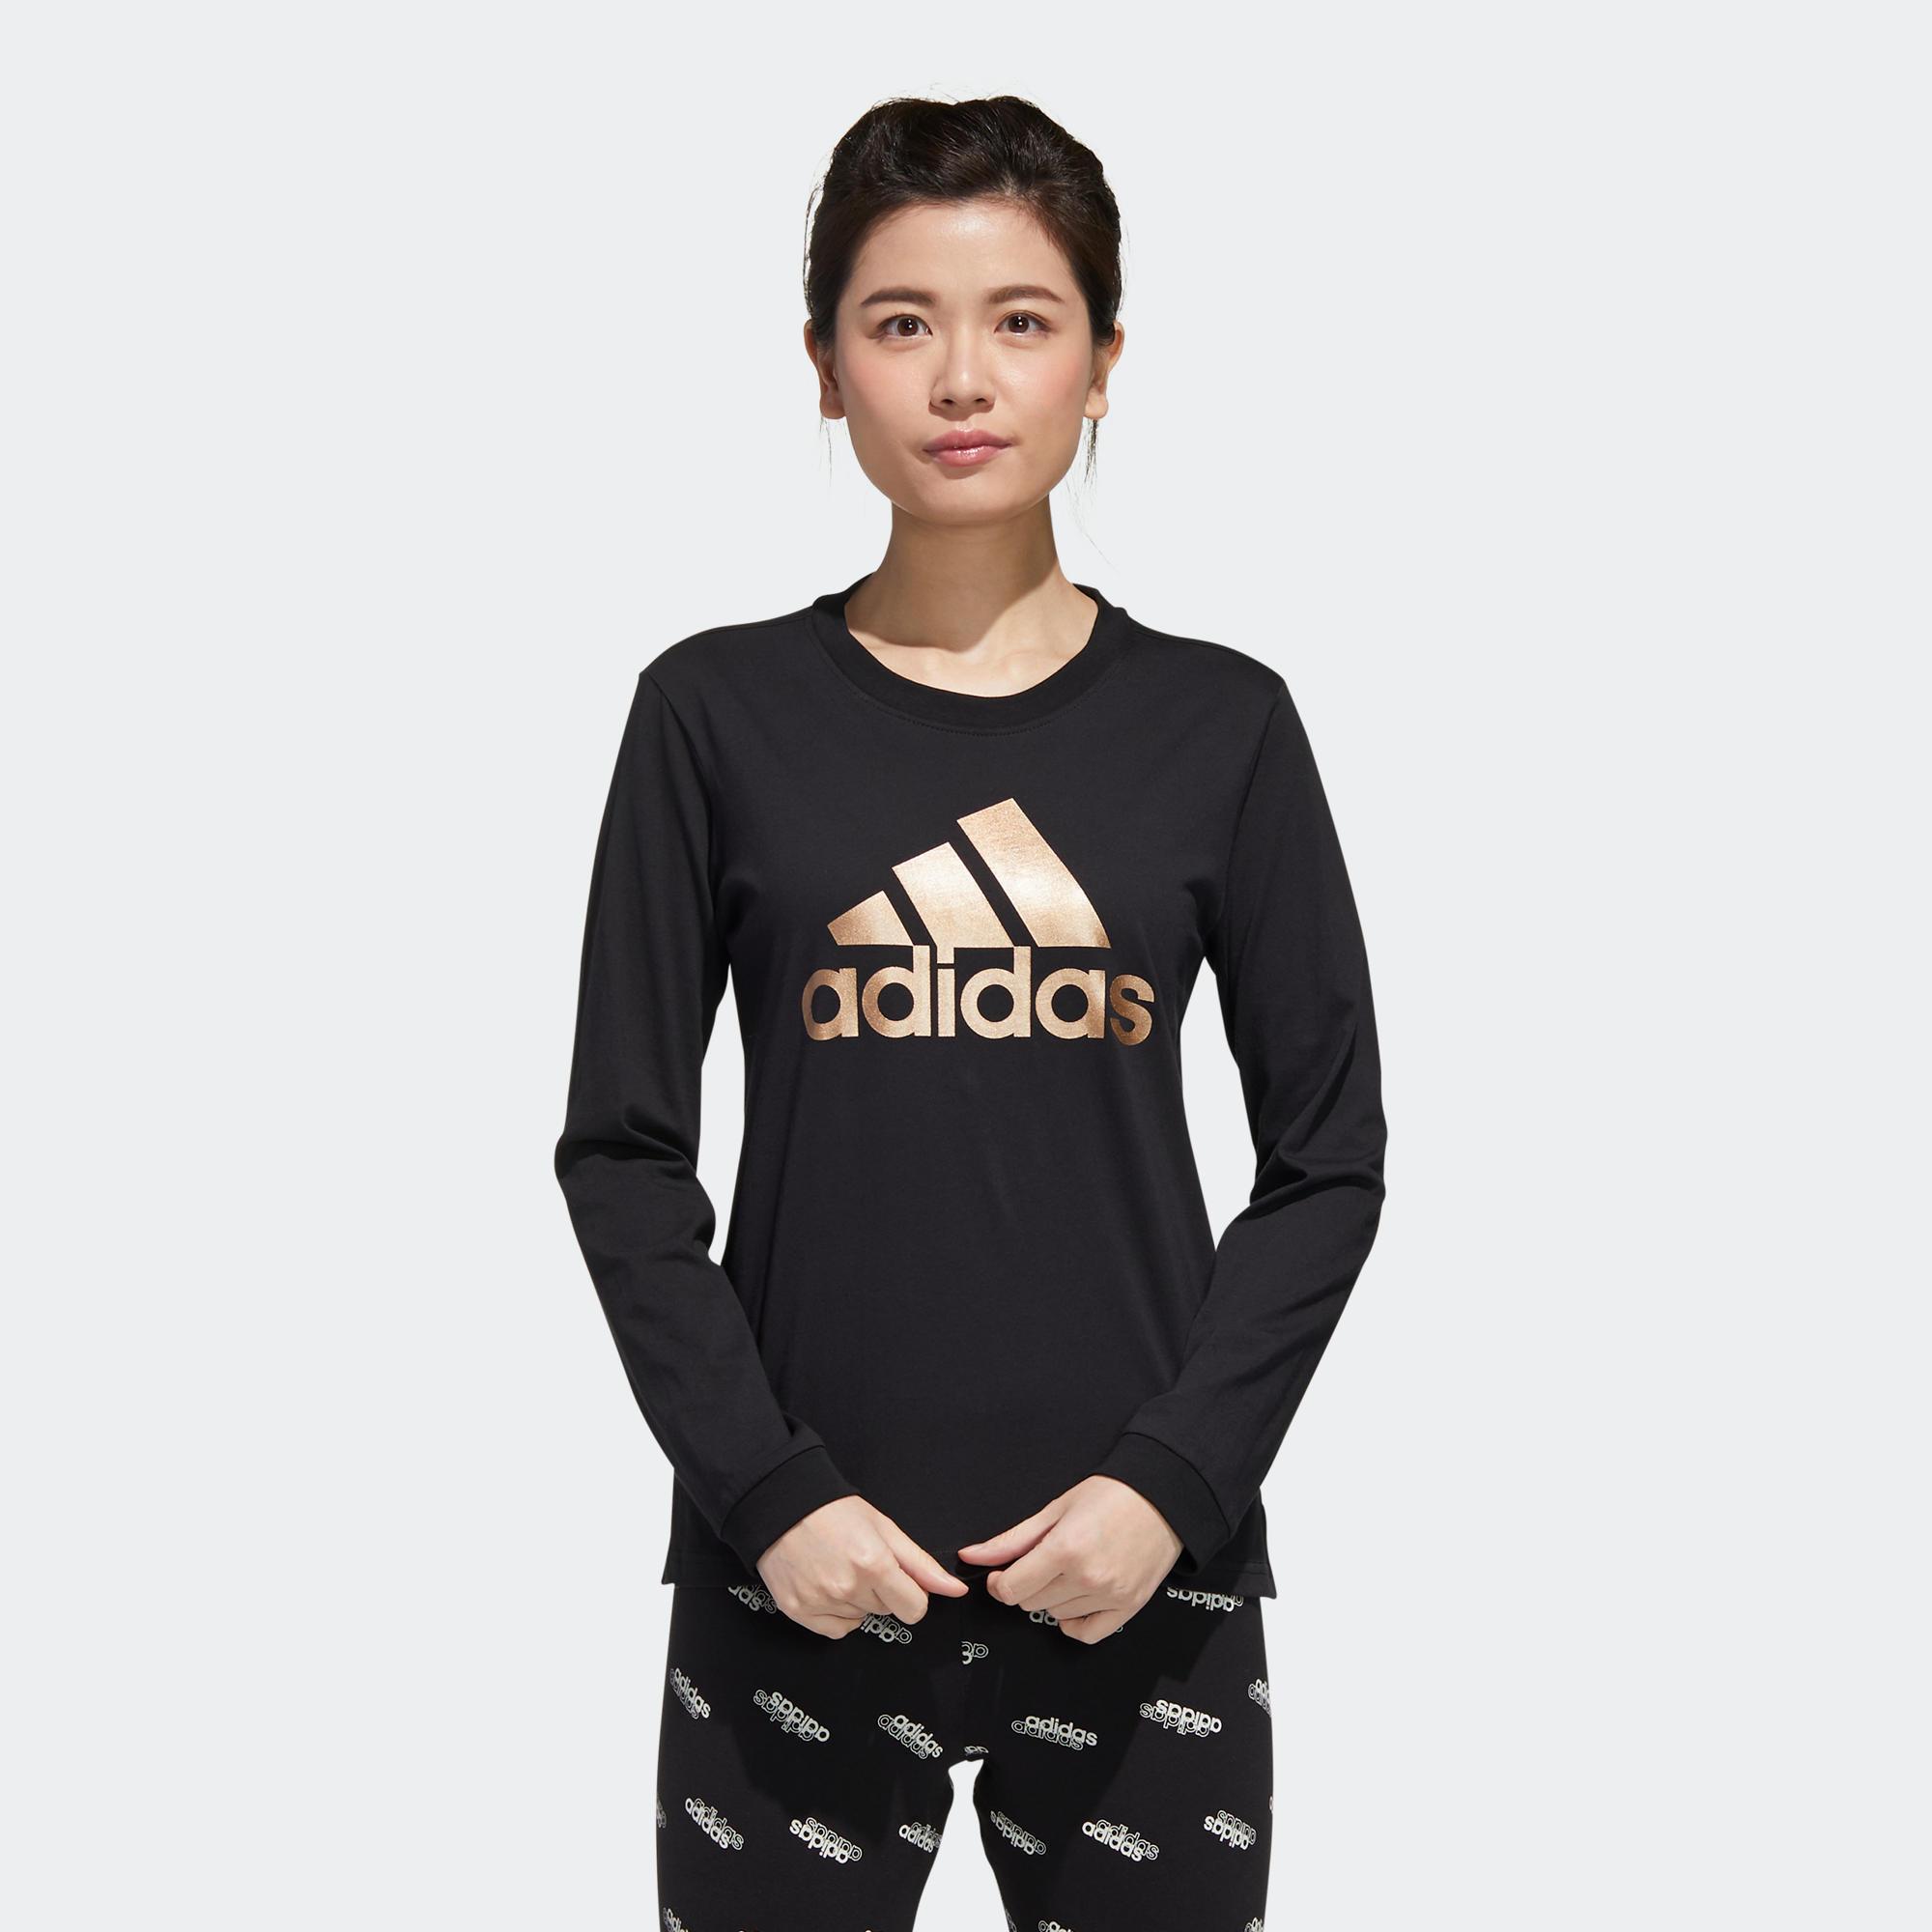 Adidas Langarmshirt Damen schwarz | Bekleidung > Shirts > Langarmshirts | Adidas